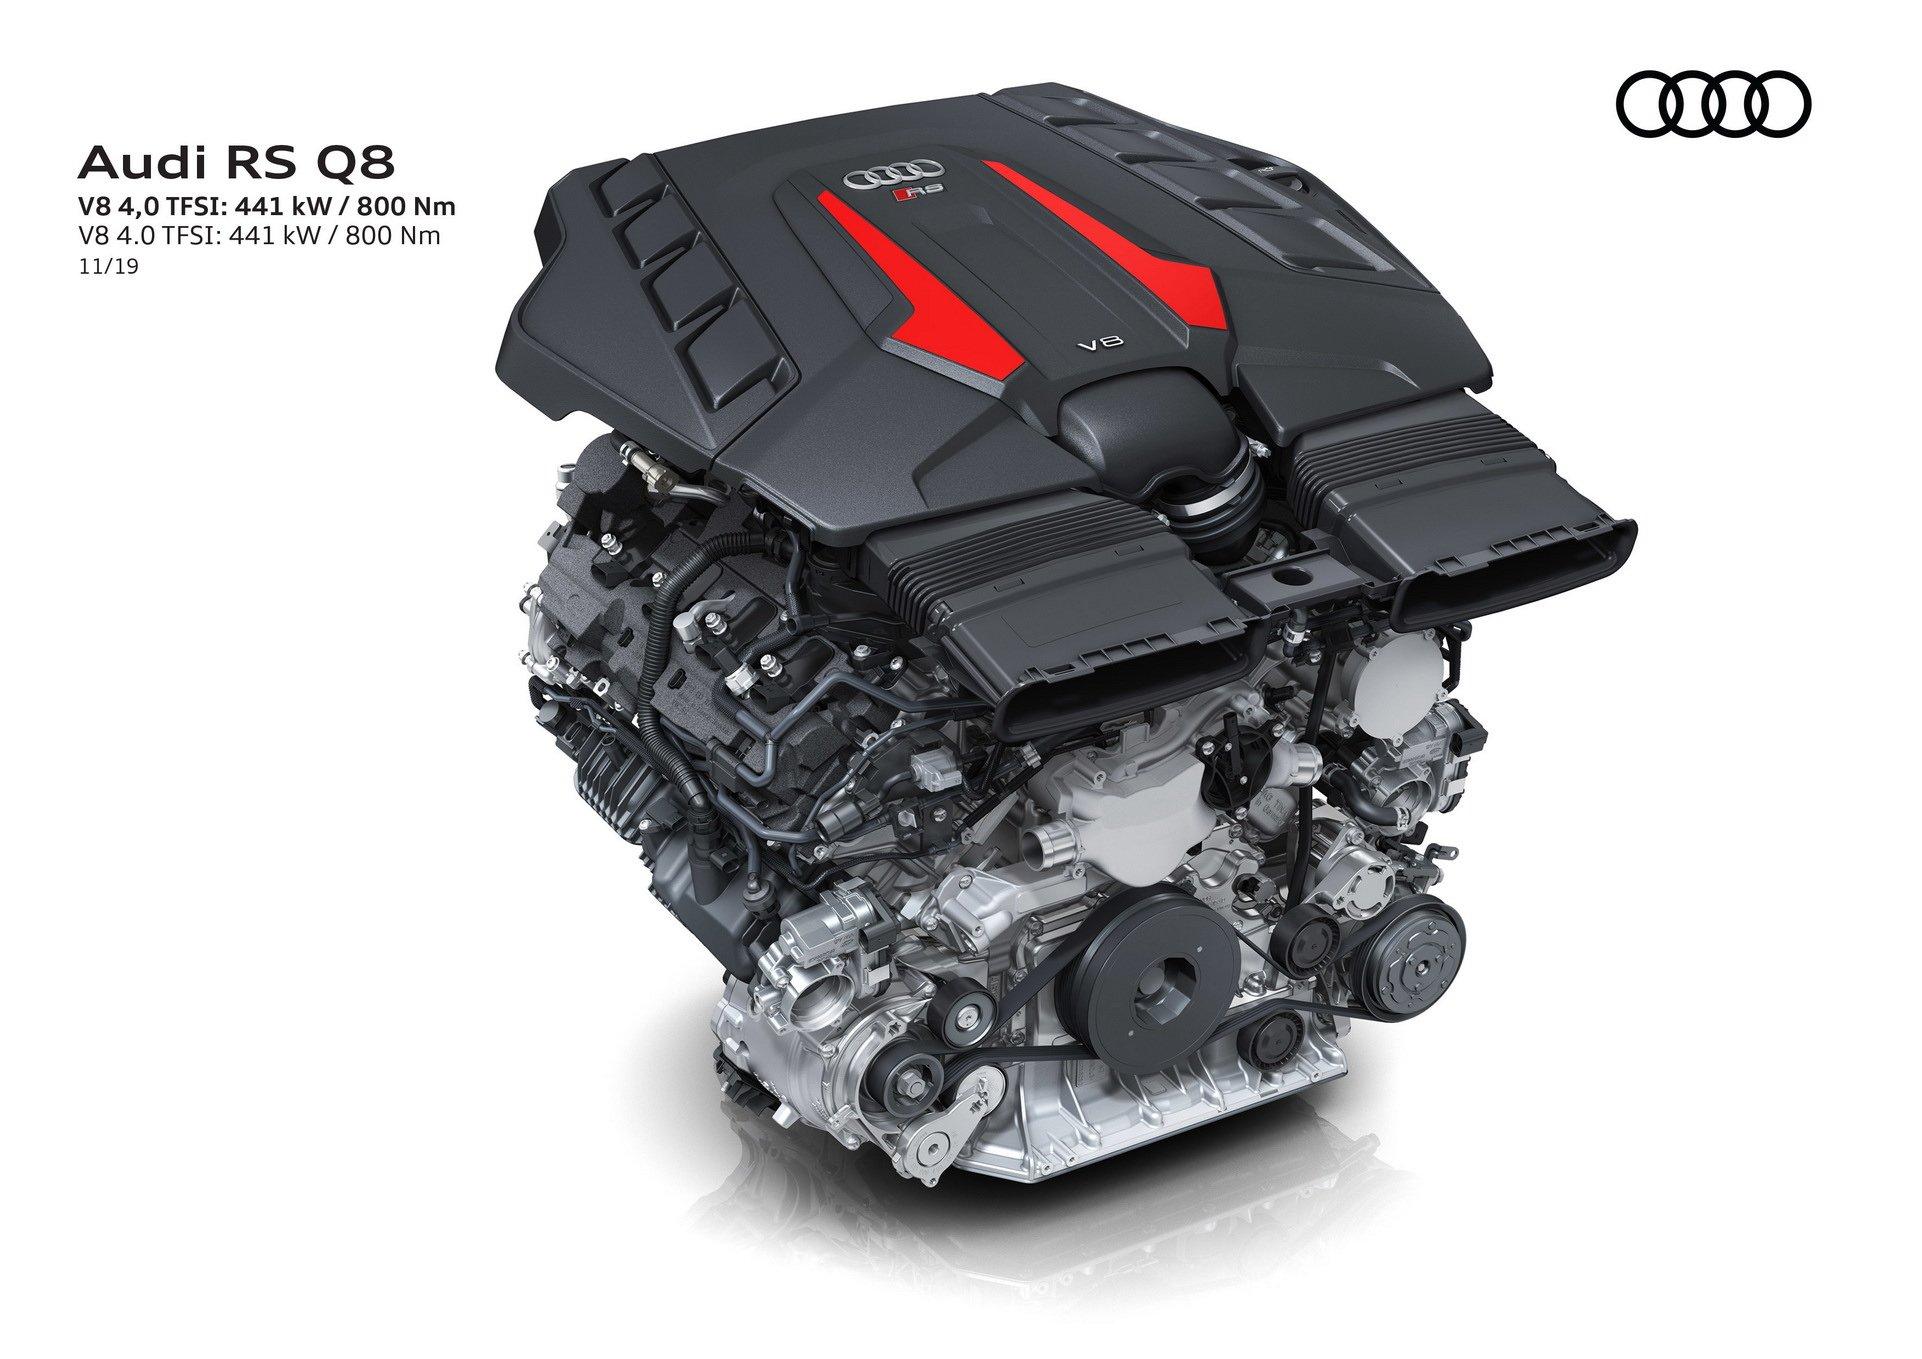 Audi-RS-Q8-75